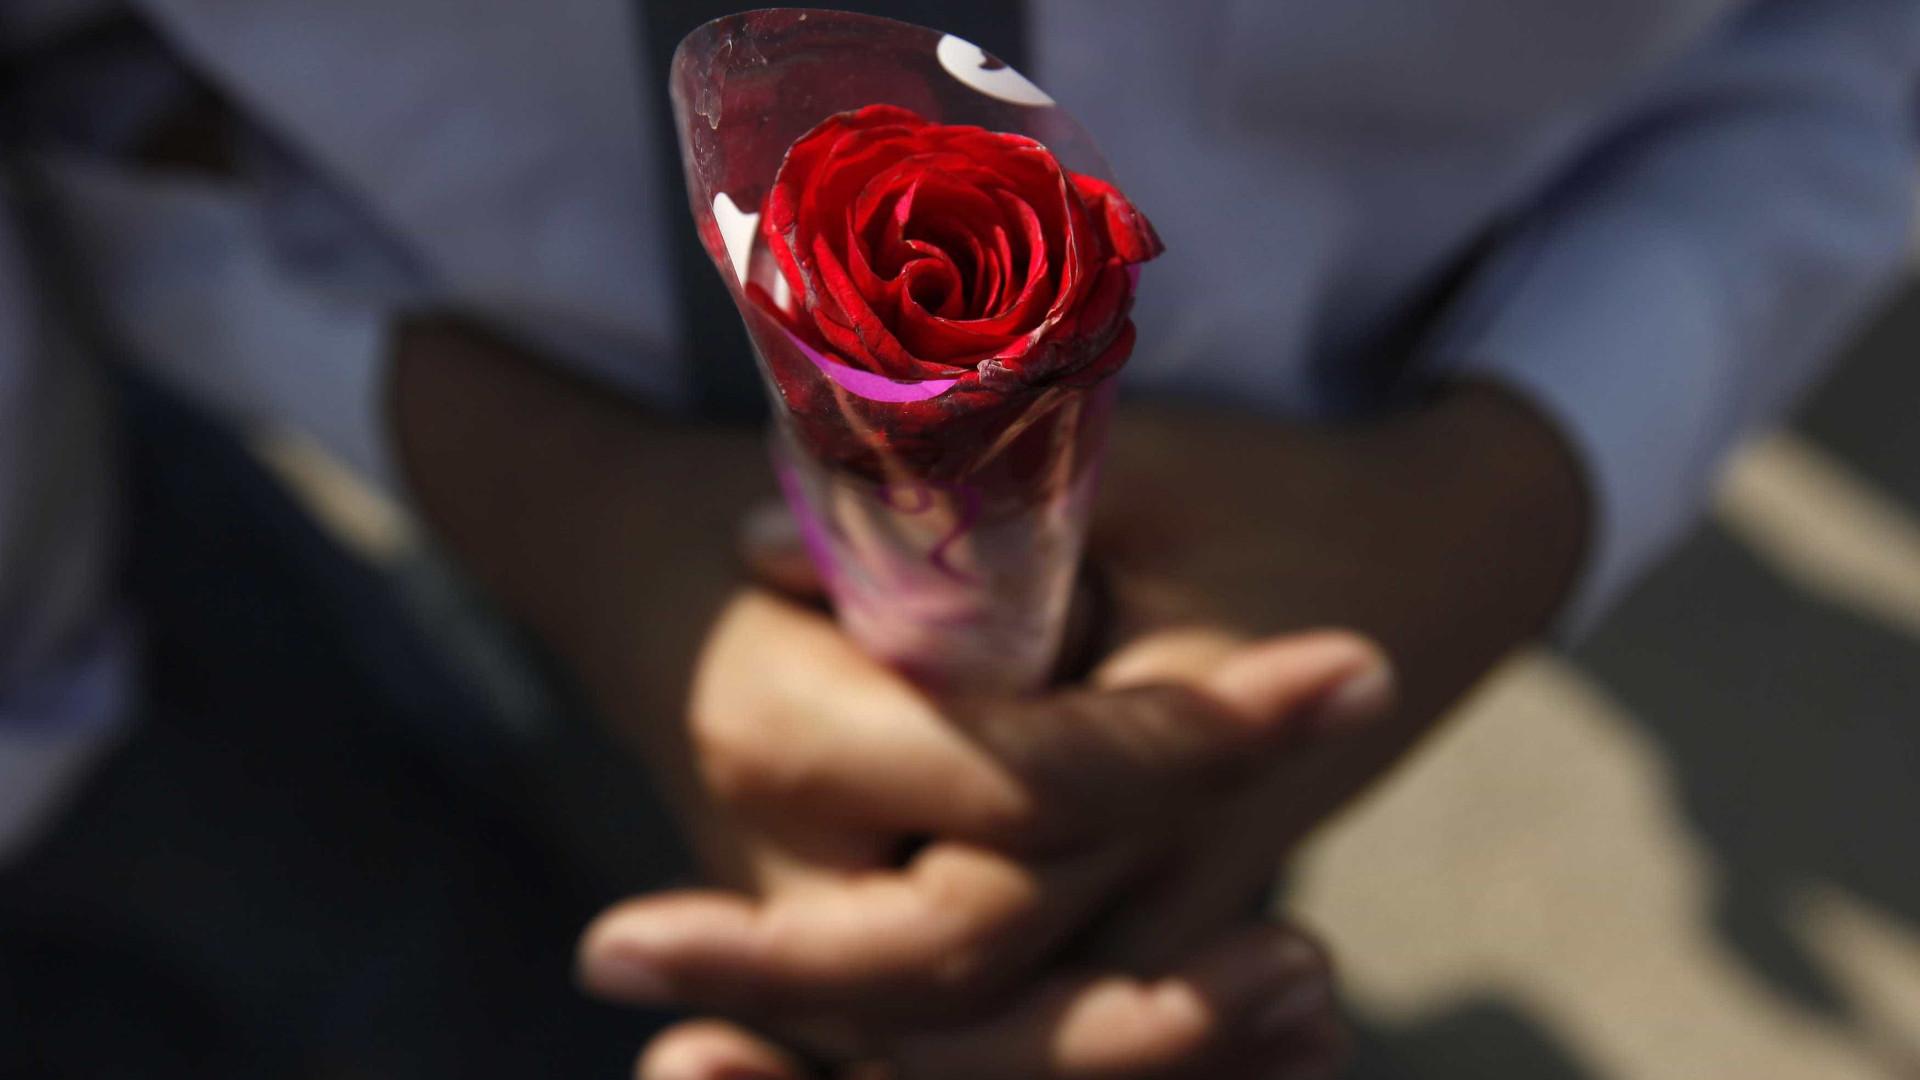 Relatório mostra que aplicativos de encontros são perigosos